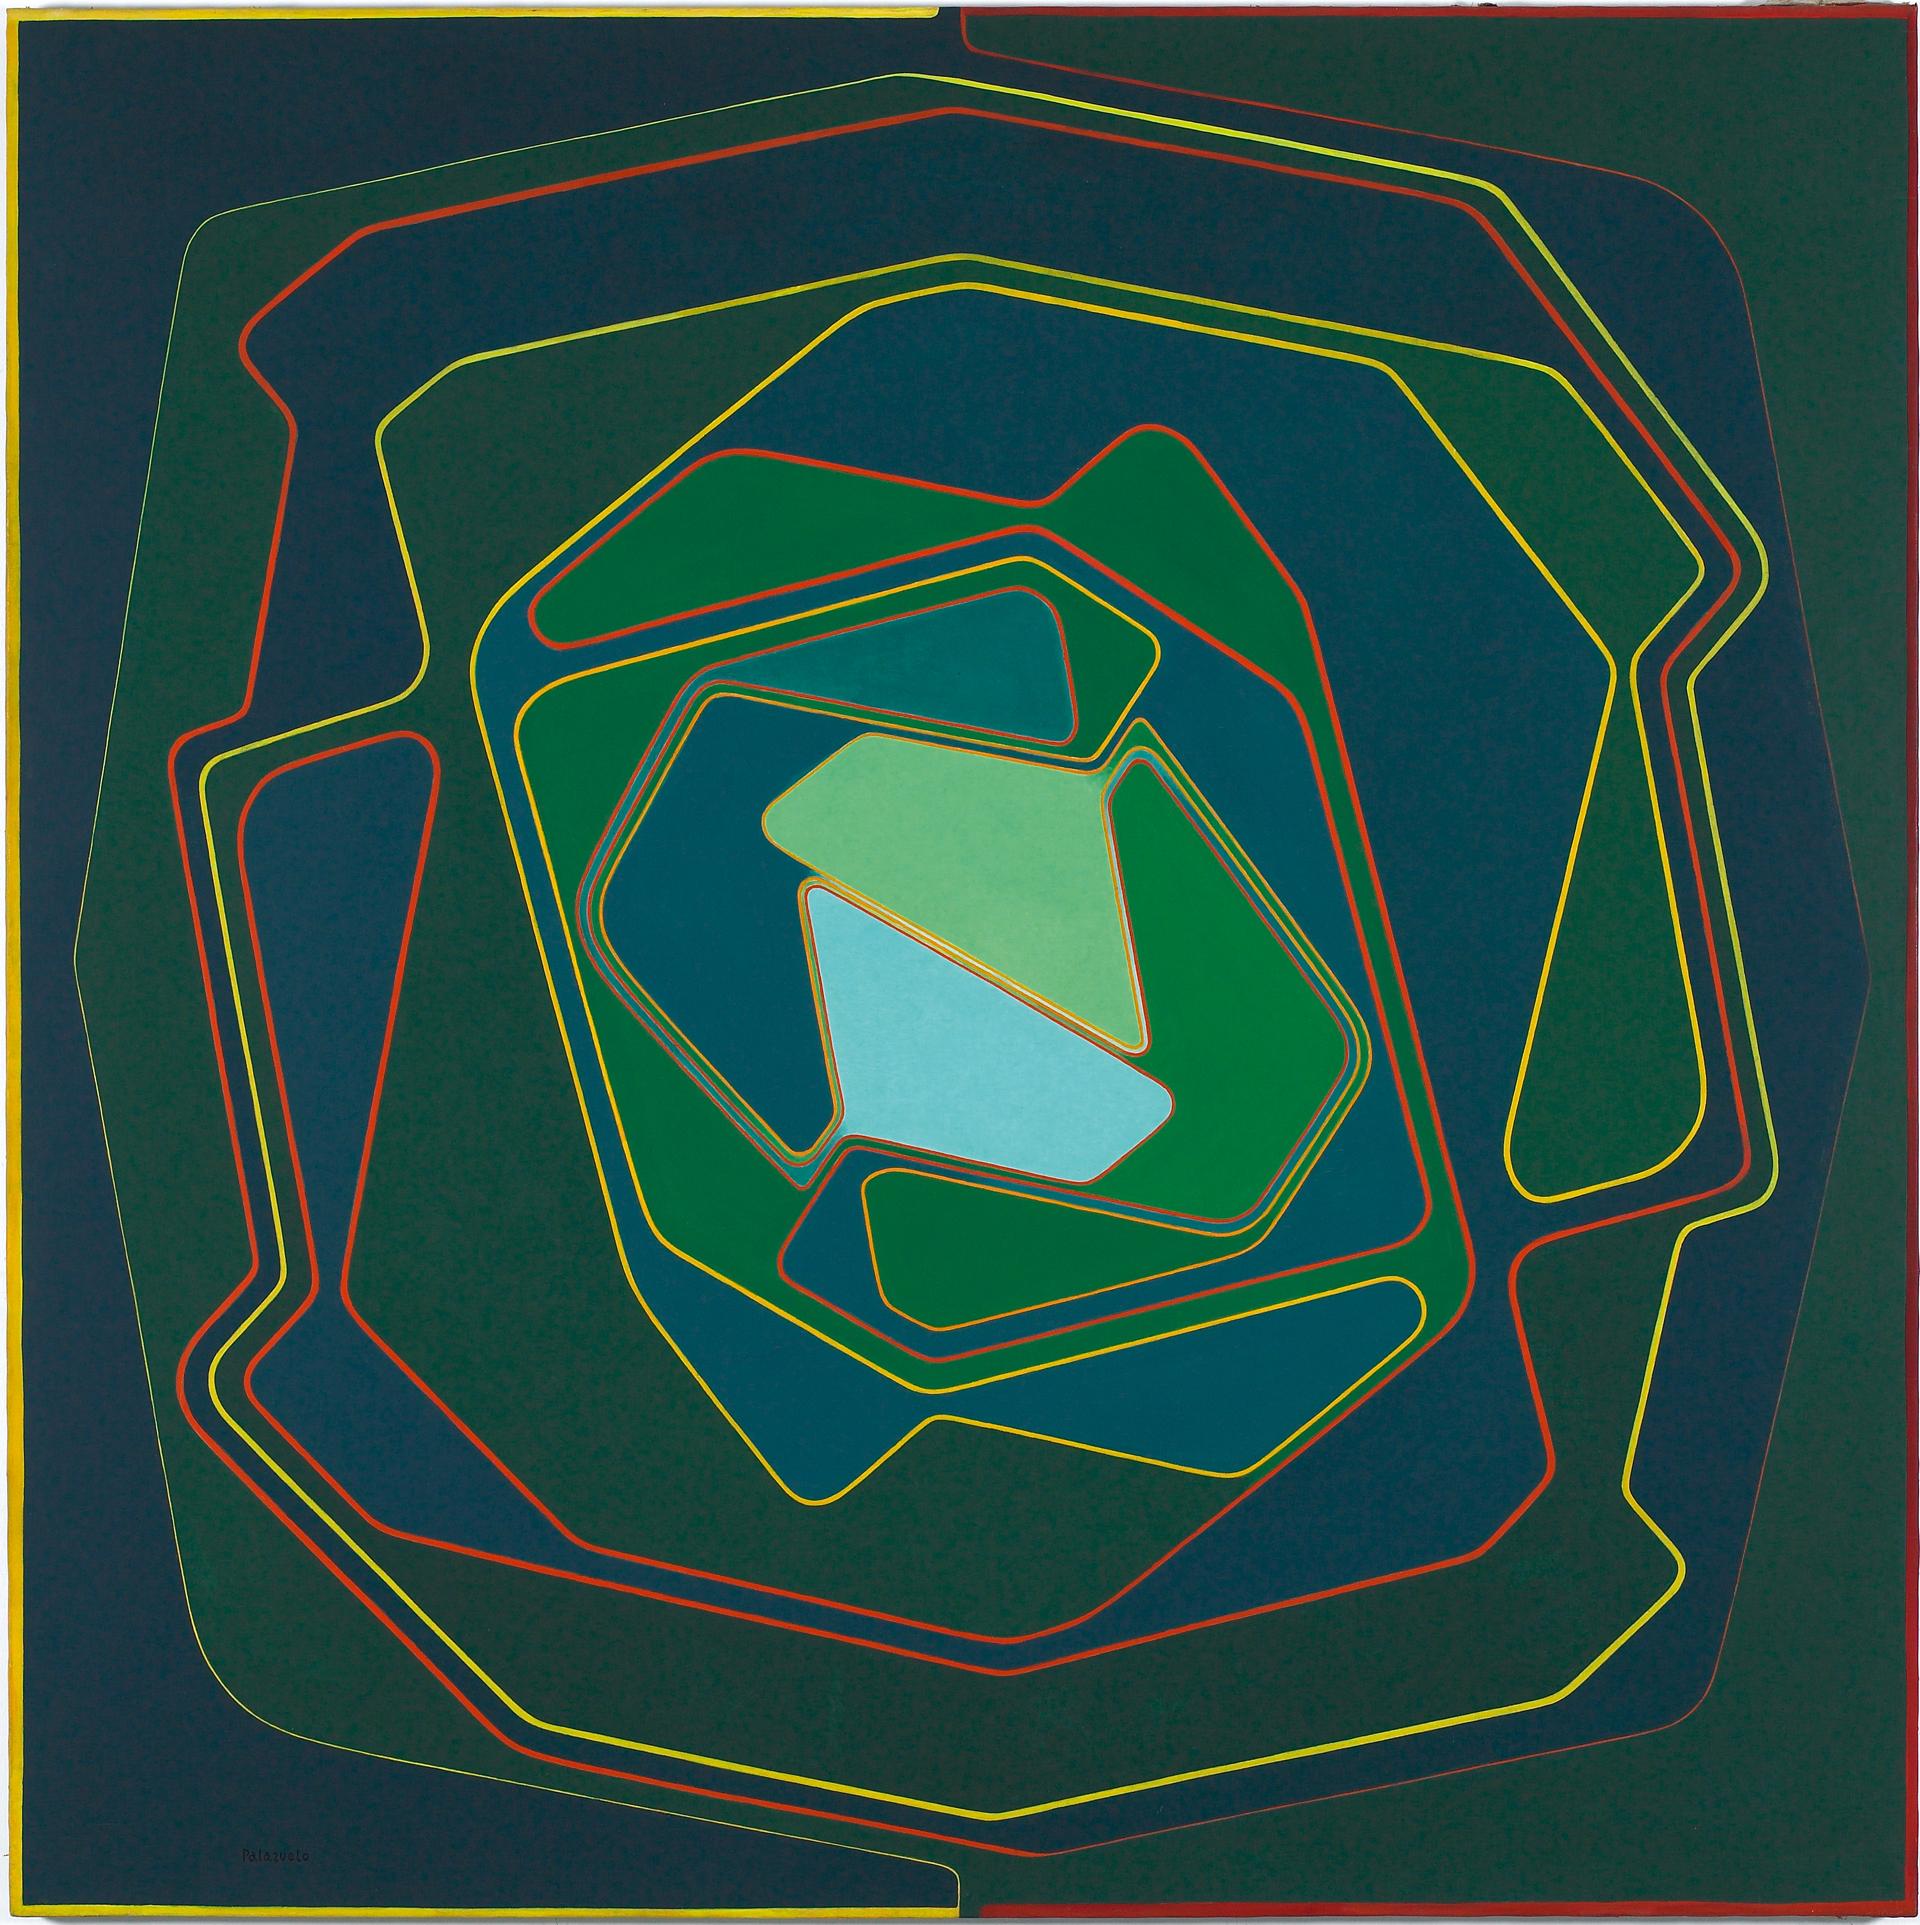 """Pintura """"Monroy I"""" de Pablo Palazuelo. Óleo sobre lienzo. 1974"""